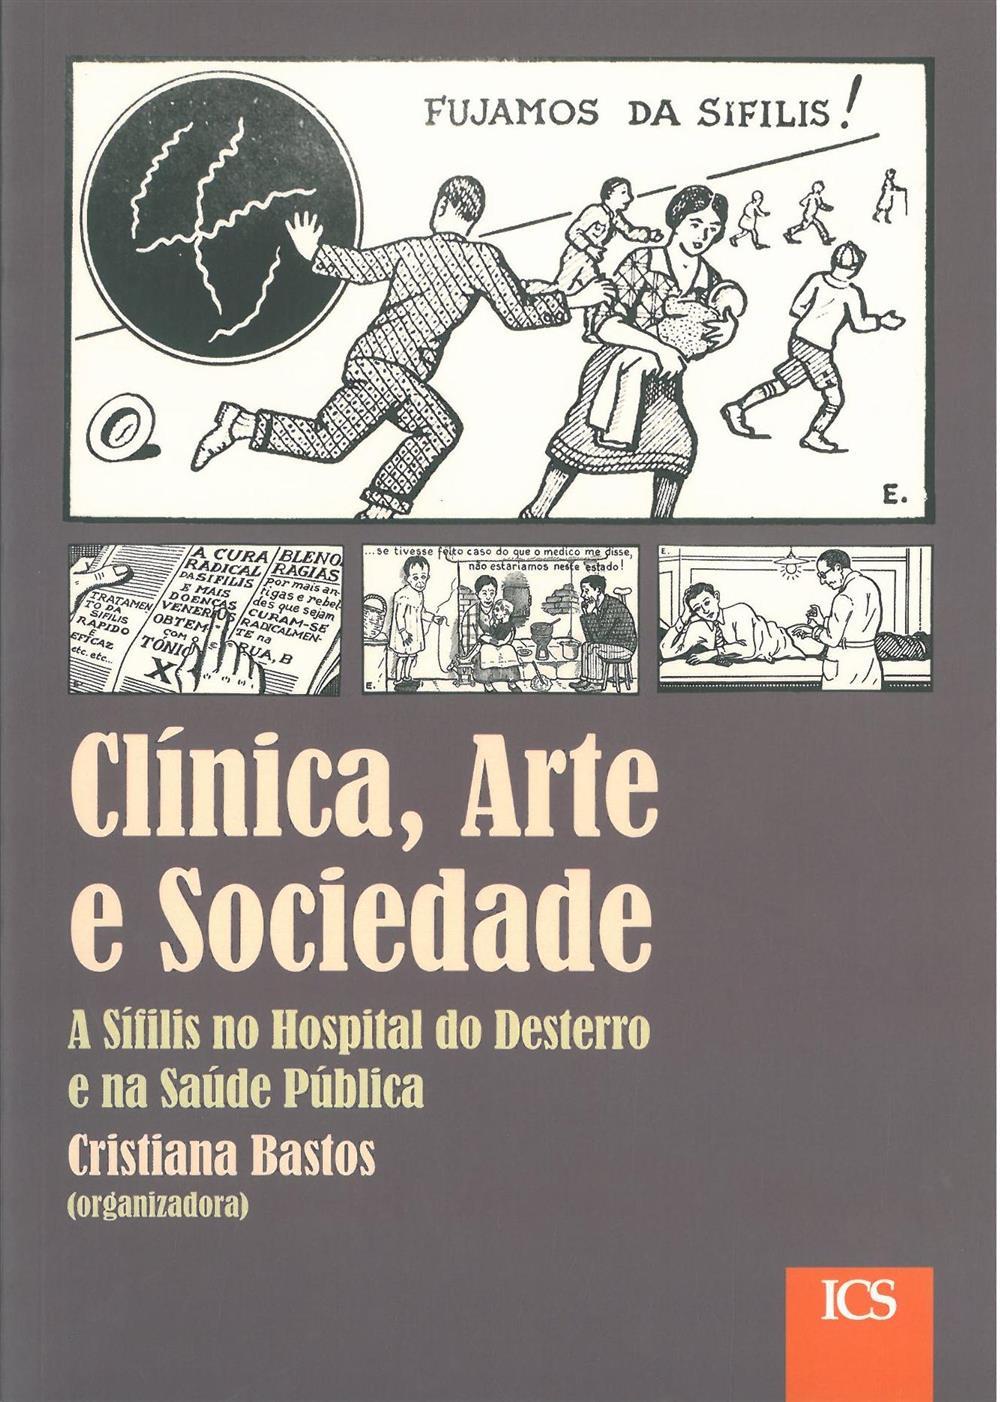 Clínica, arte e sociedade.jpg